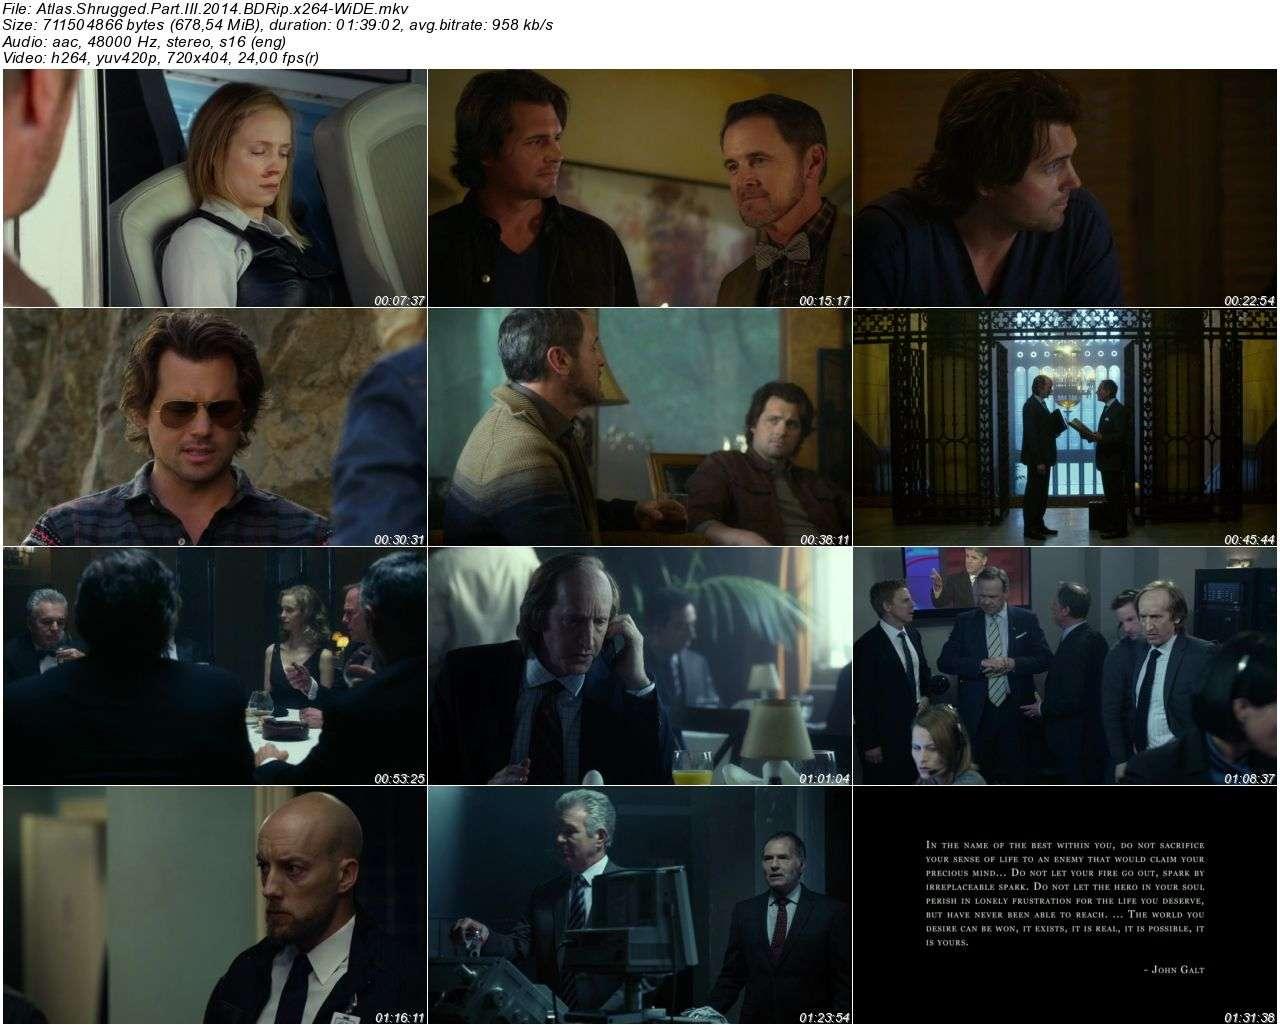 Atlas Shrugged Part III - 2014 DVDRip x264 AC3 - Türkçe Altyazılı Tek Link indir